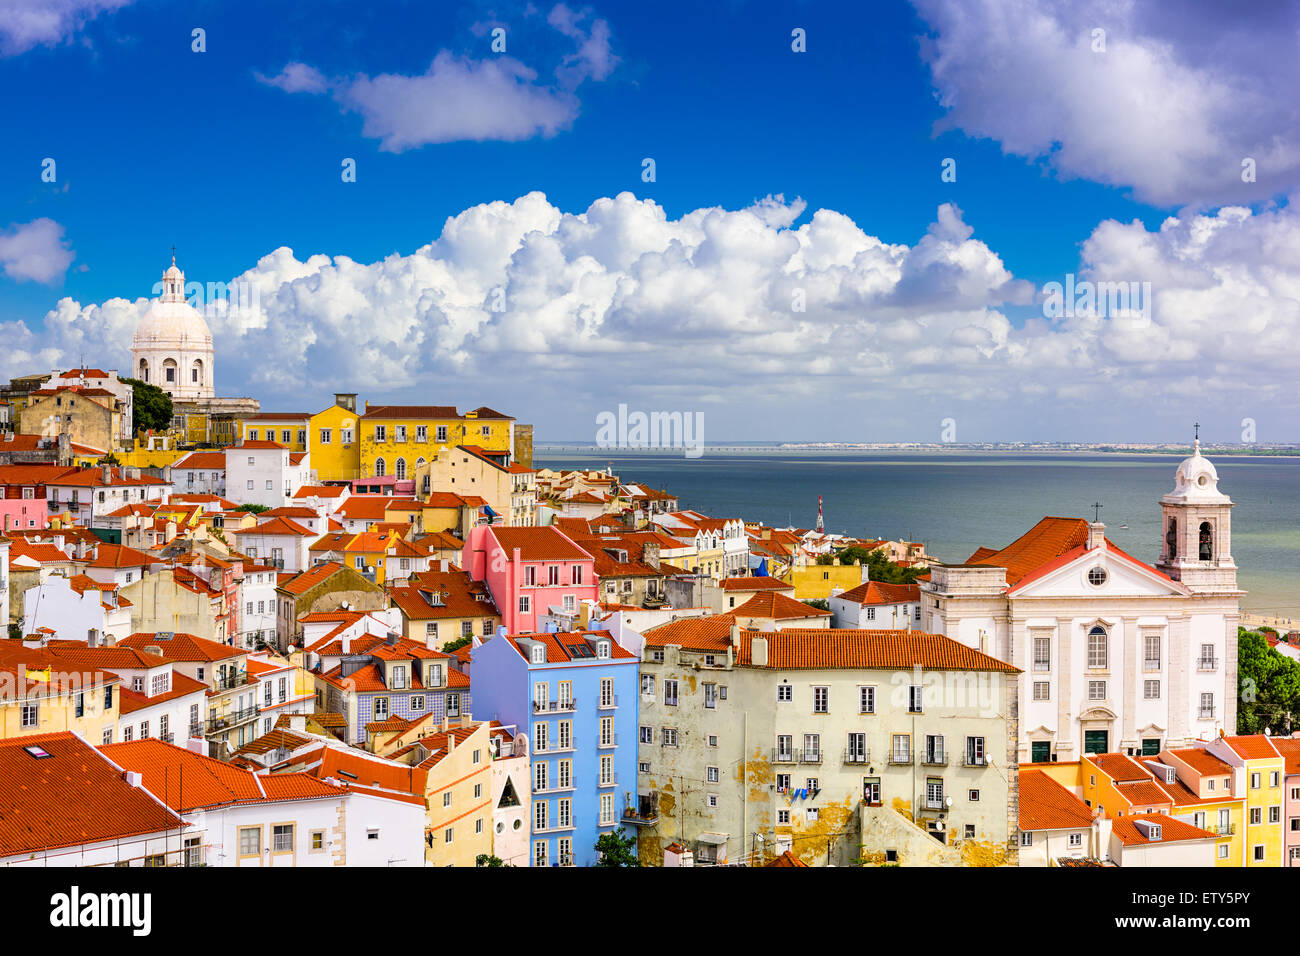 Lisbonne, Portugal paysage urbain dans le quartier d'Alfama. Photo Stock